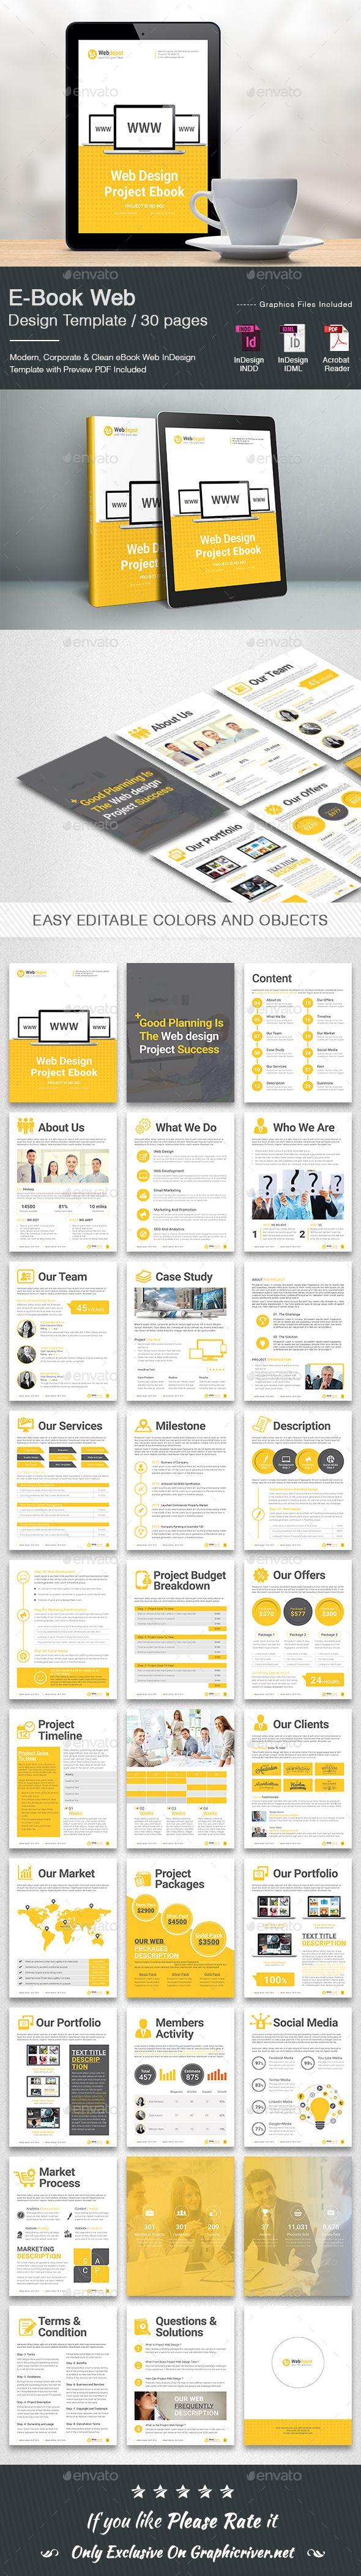 E-Book Web Design